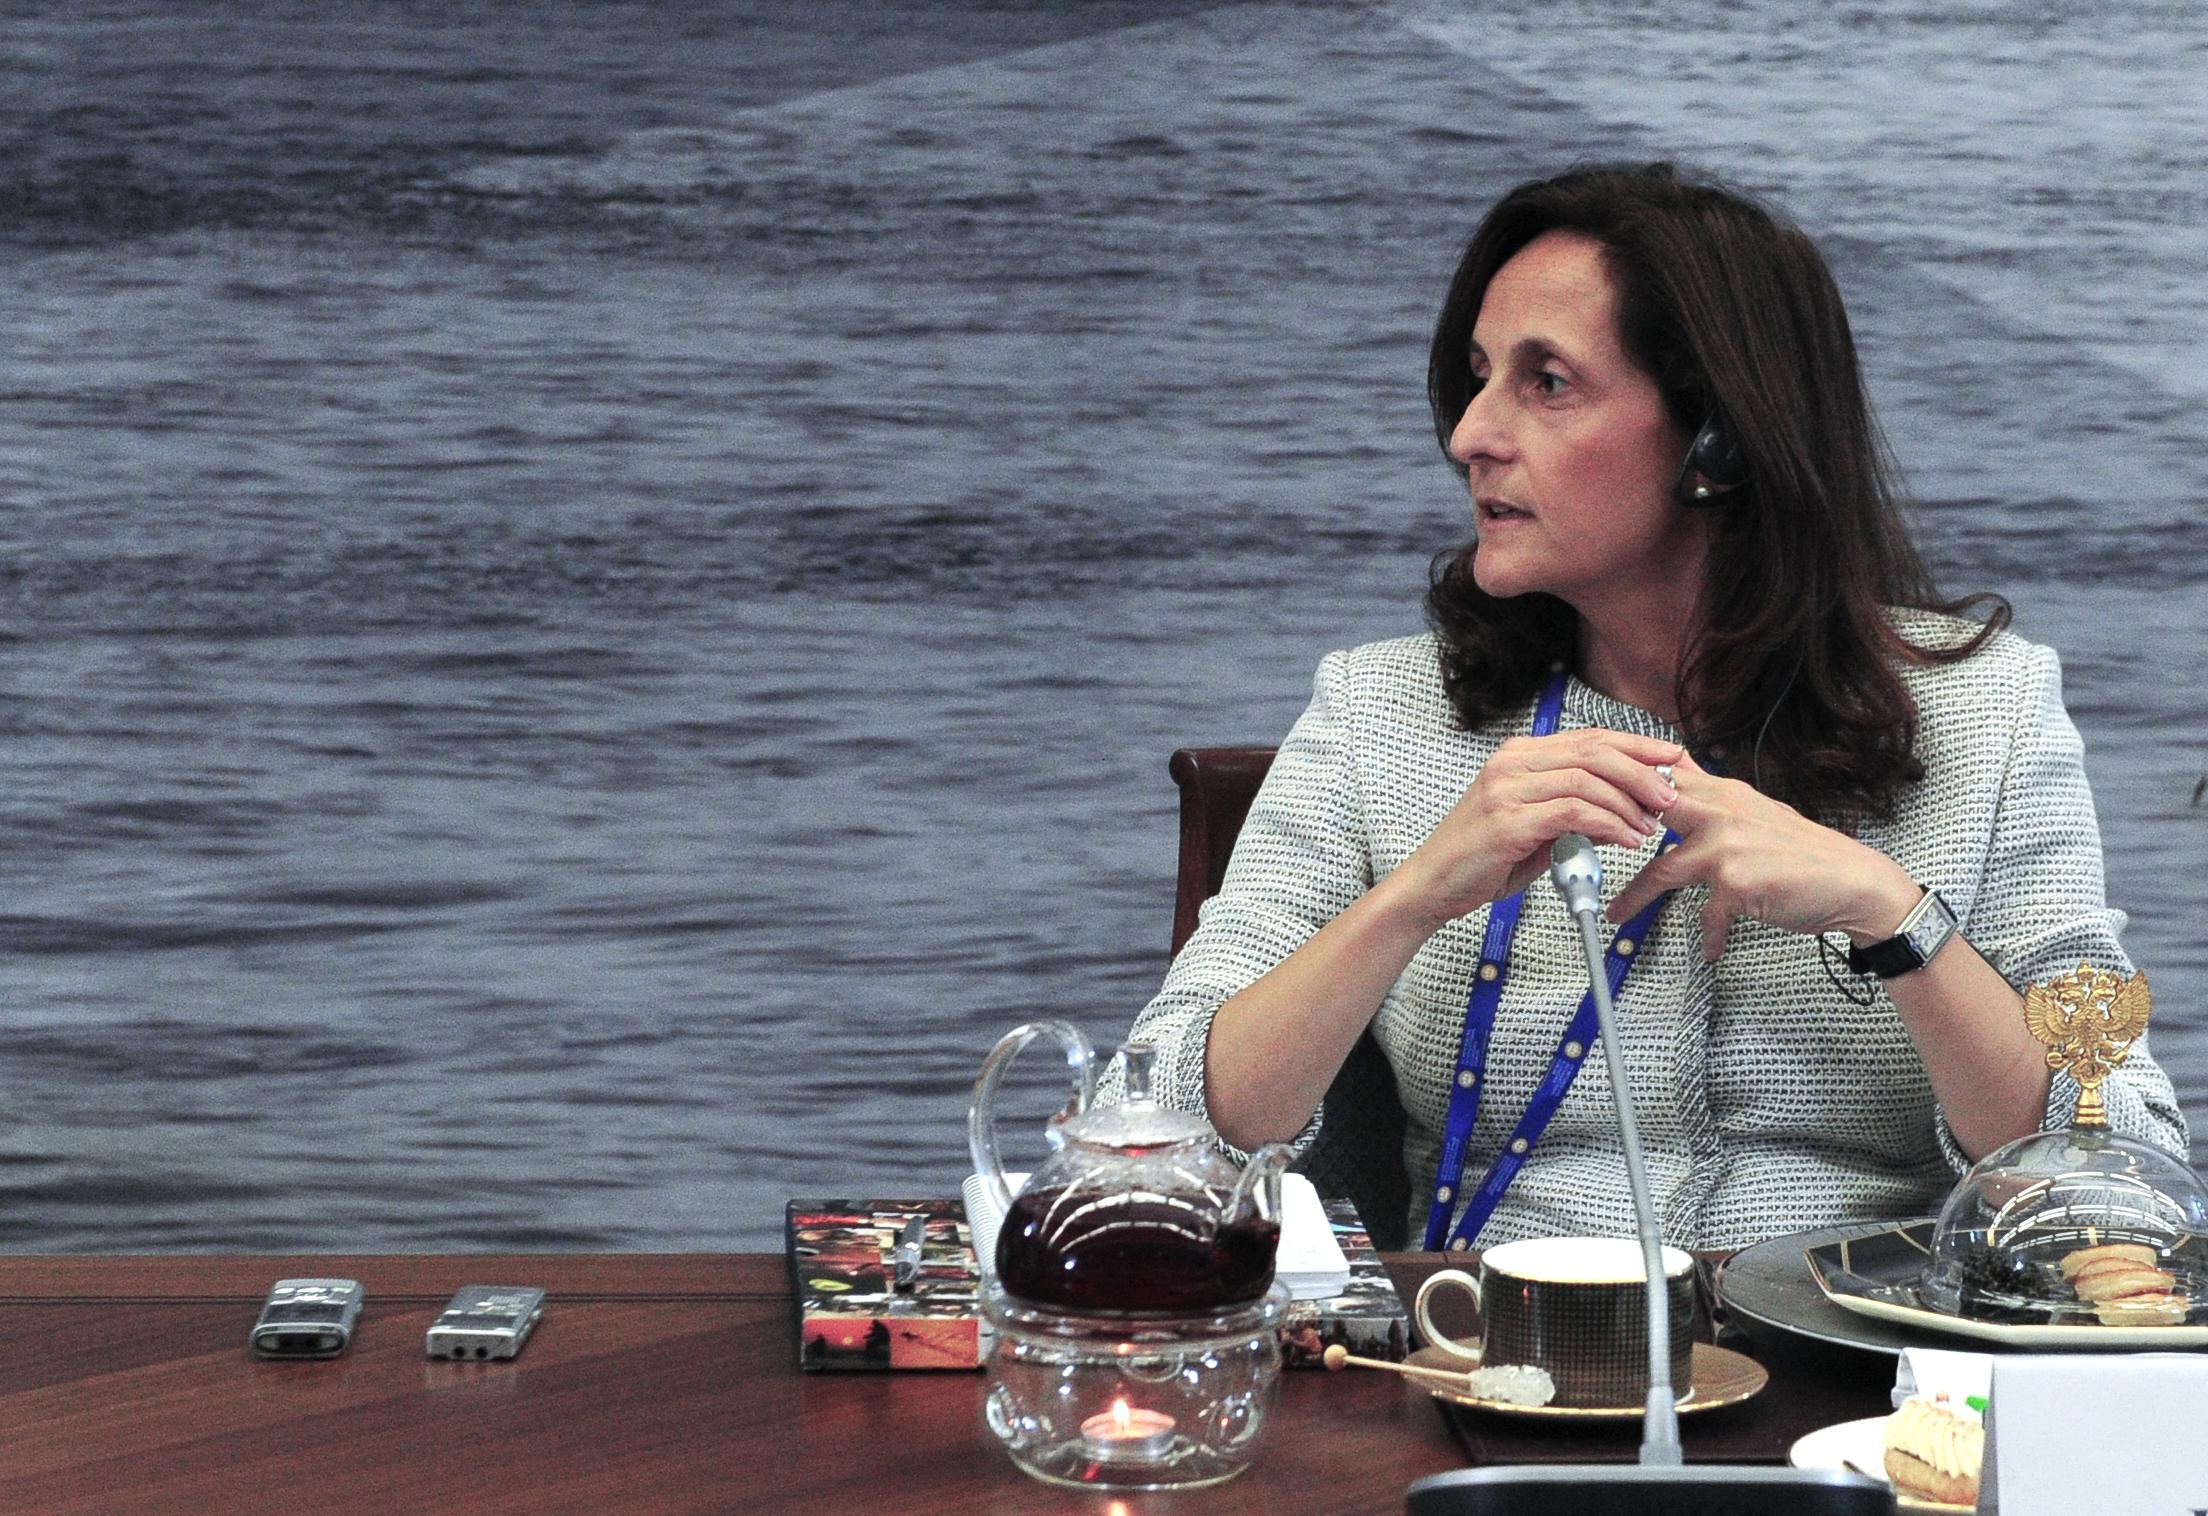 Először lesz női főszerkesztője a 170 éves Reutersnek